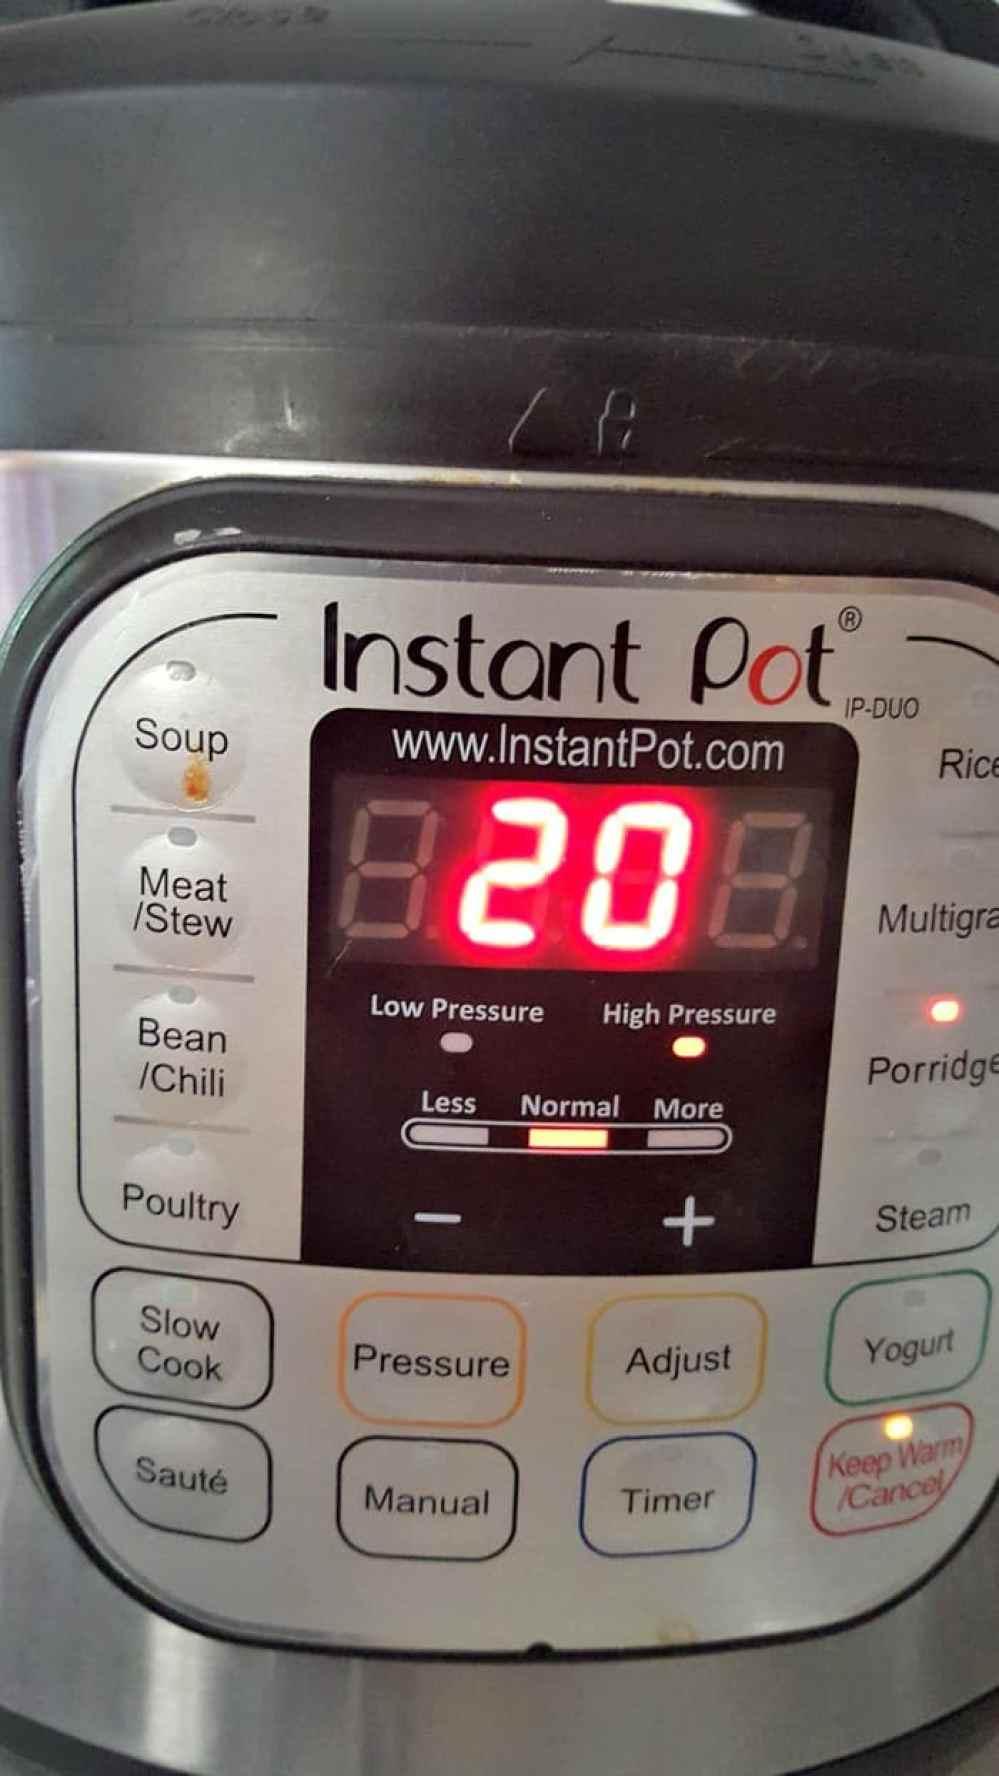 instant pot rice pudding (arroz con leche) porridge setting for 20 minutes